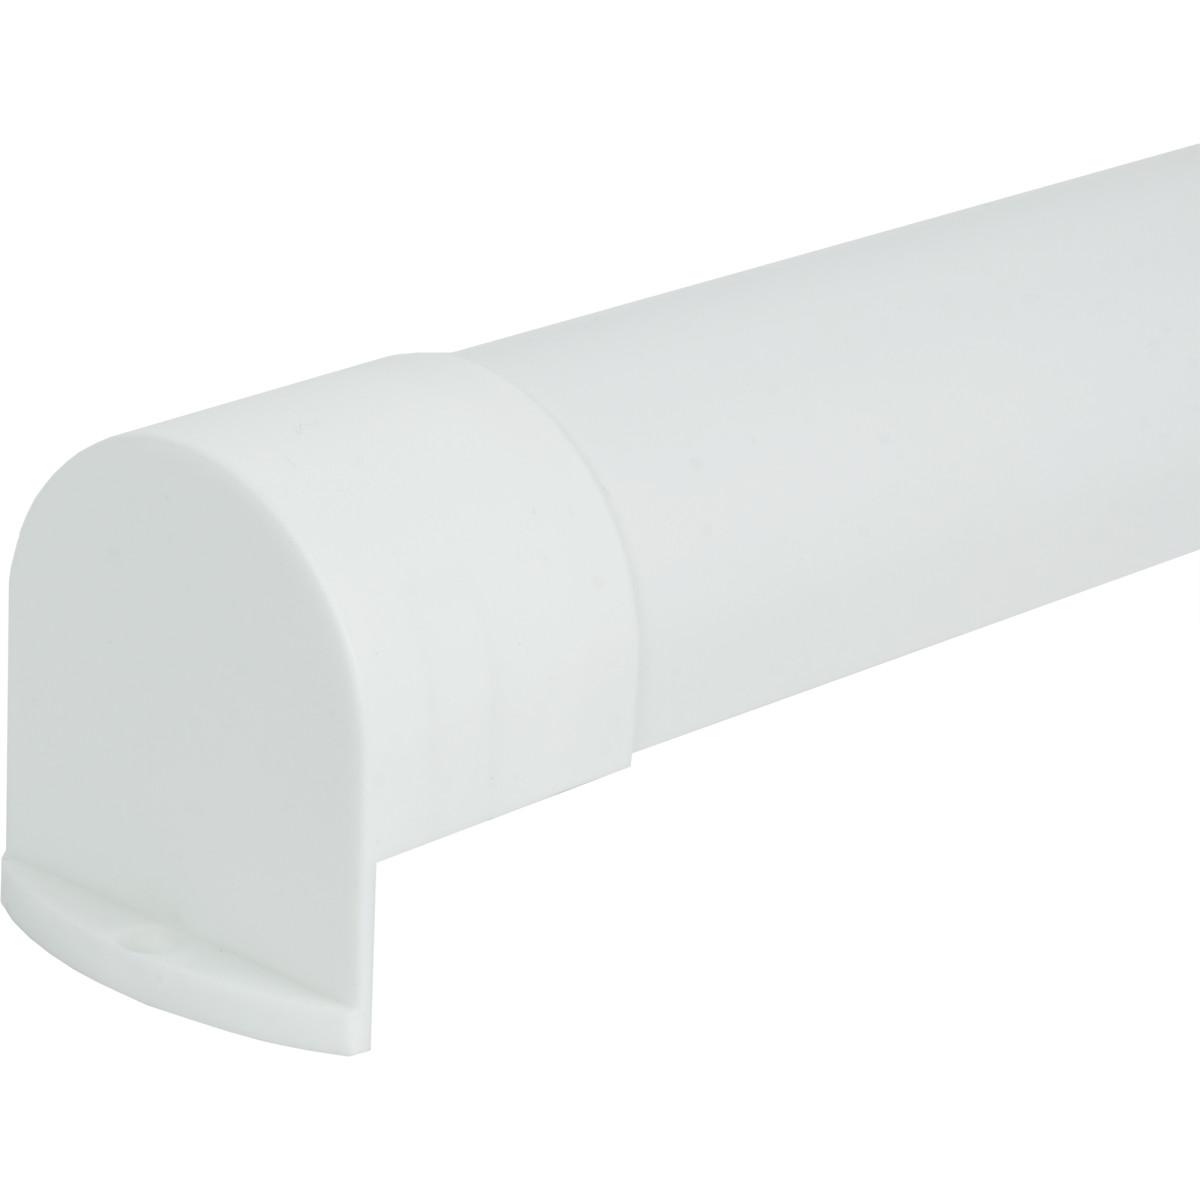 Короб Для Рулонной Оры Пвх Цвет Белый